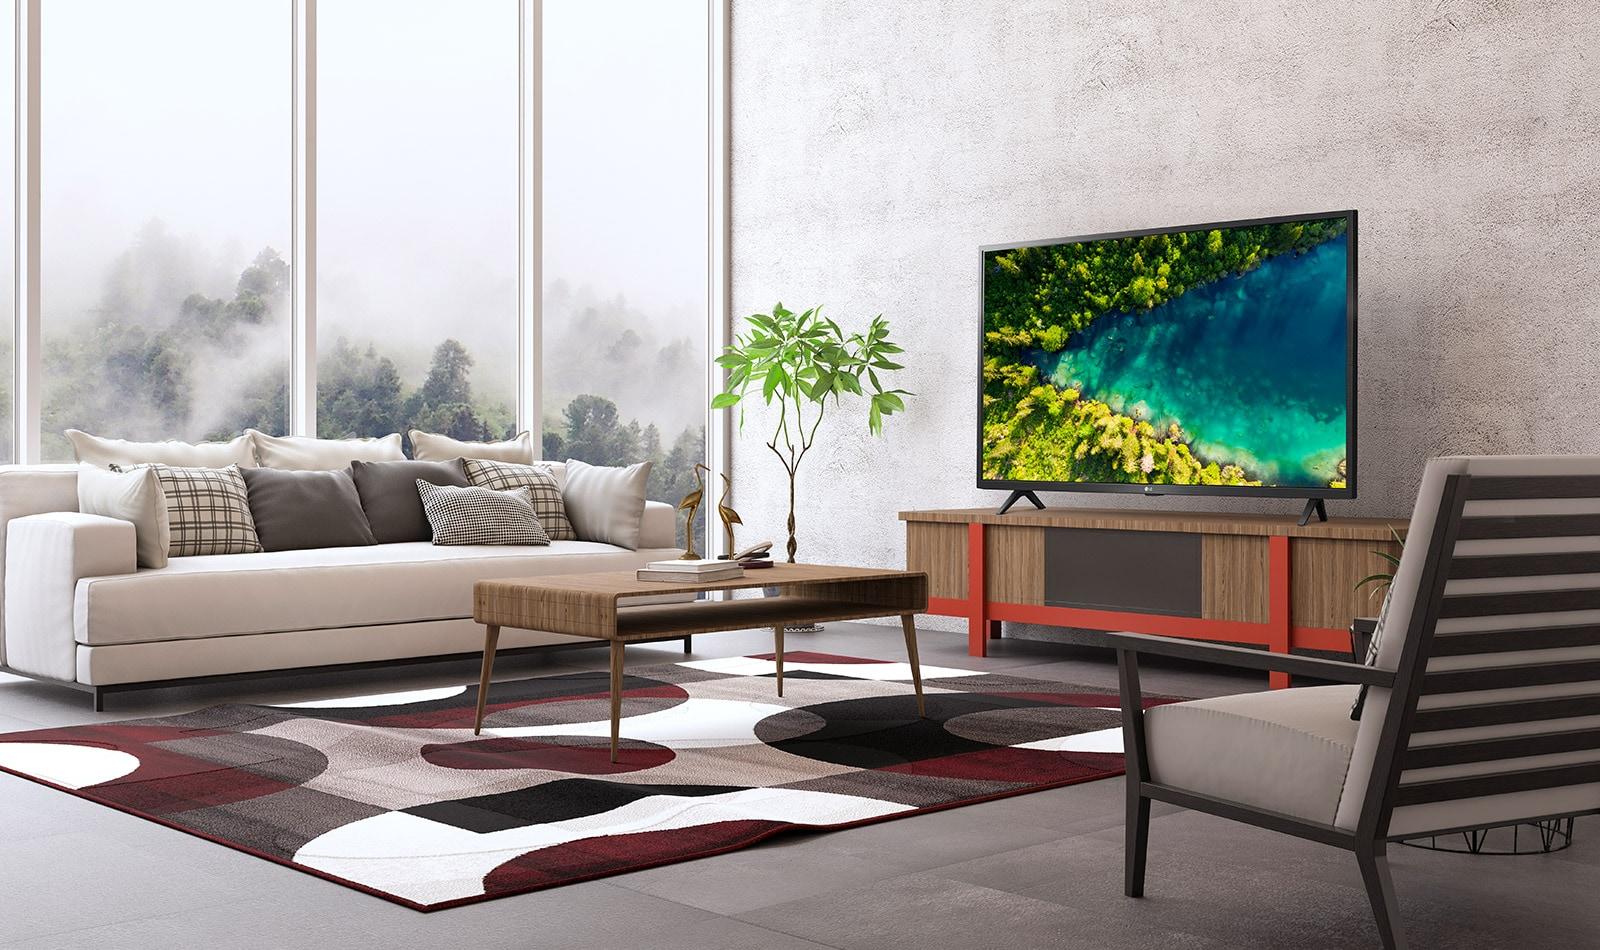 Un televisor que muestra un río que fluye en el denso bosque de Top View desde una casa moderna y sencilla.